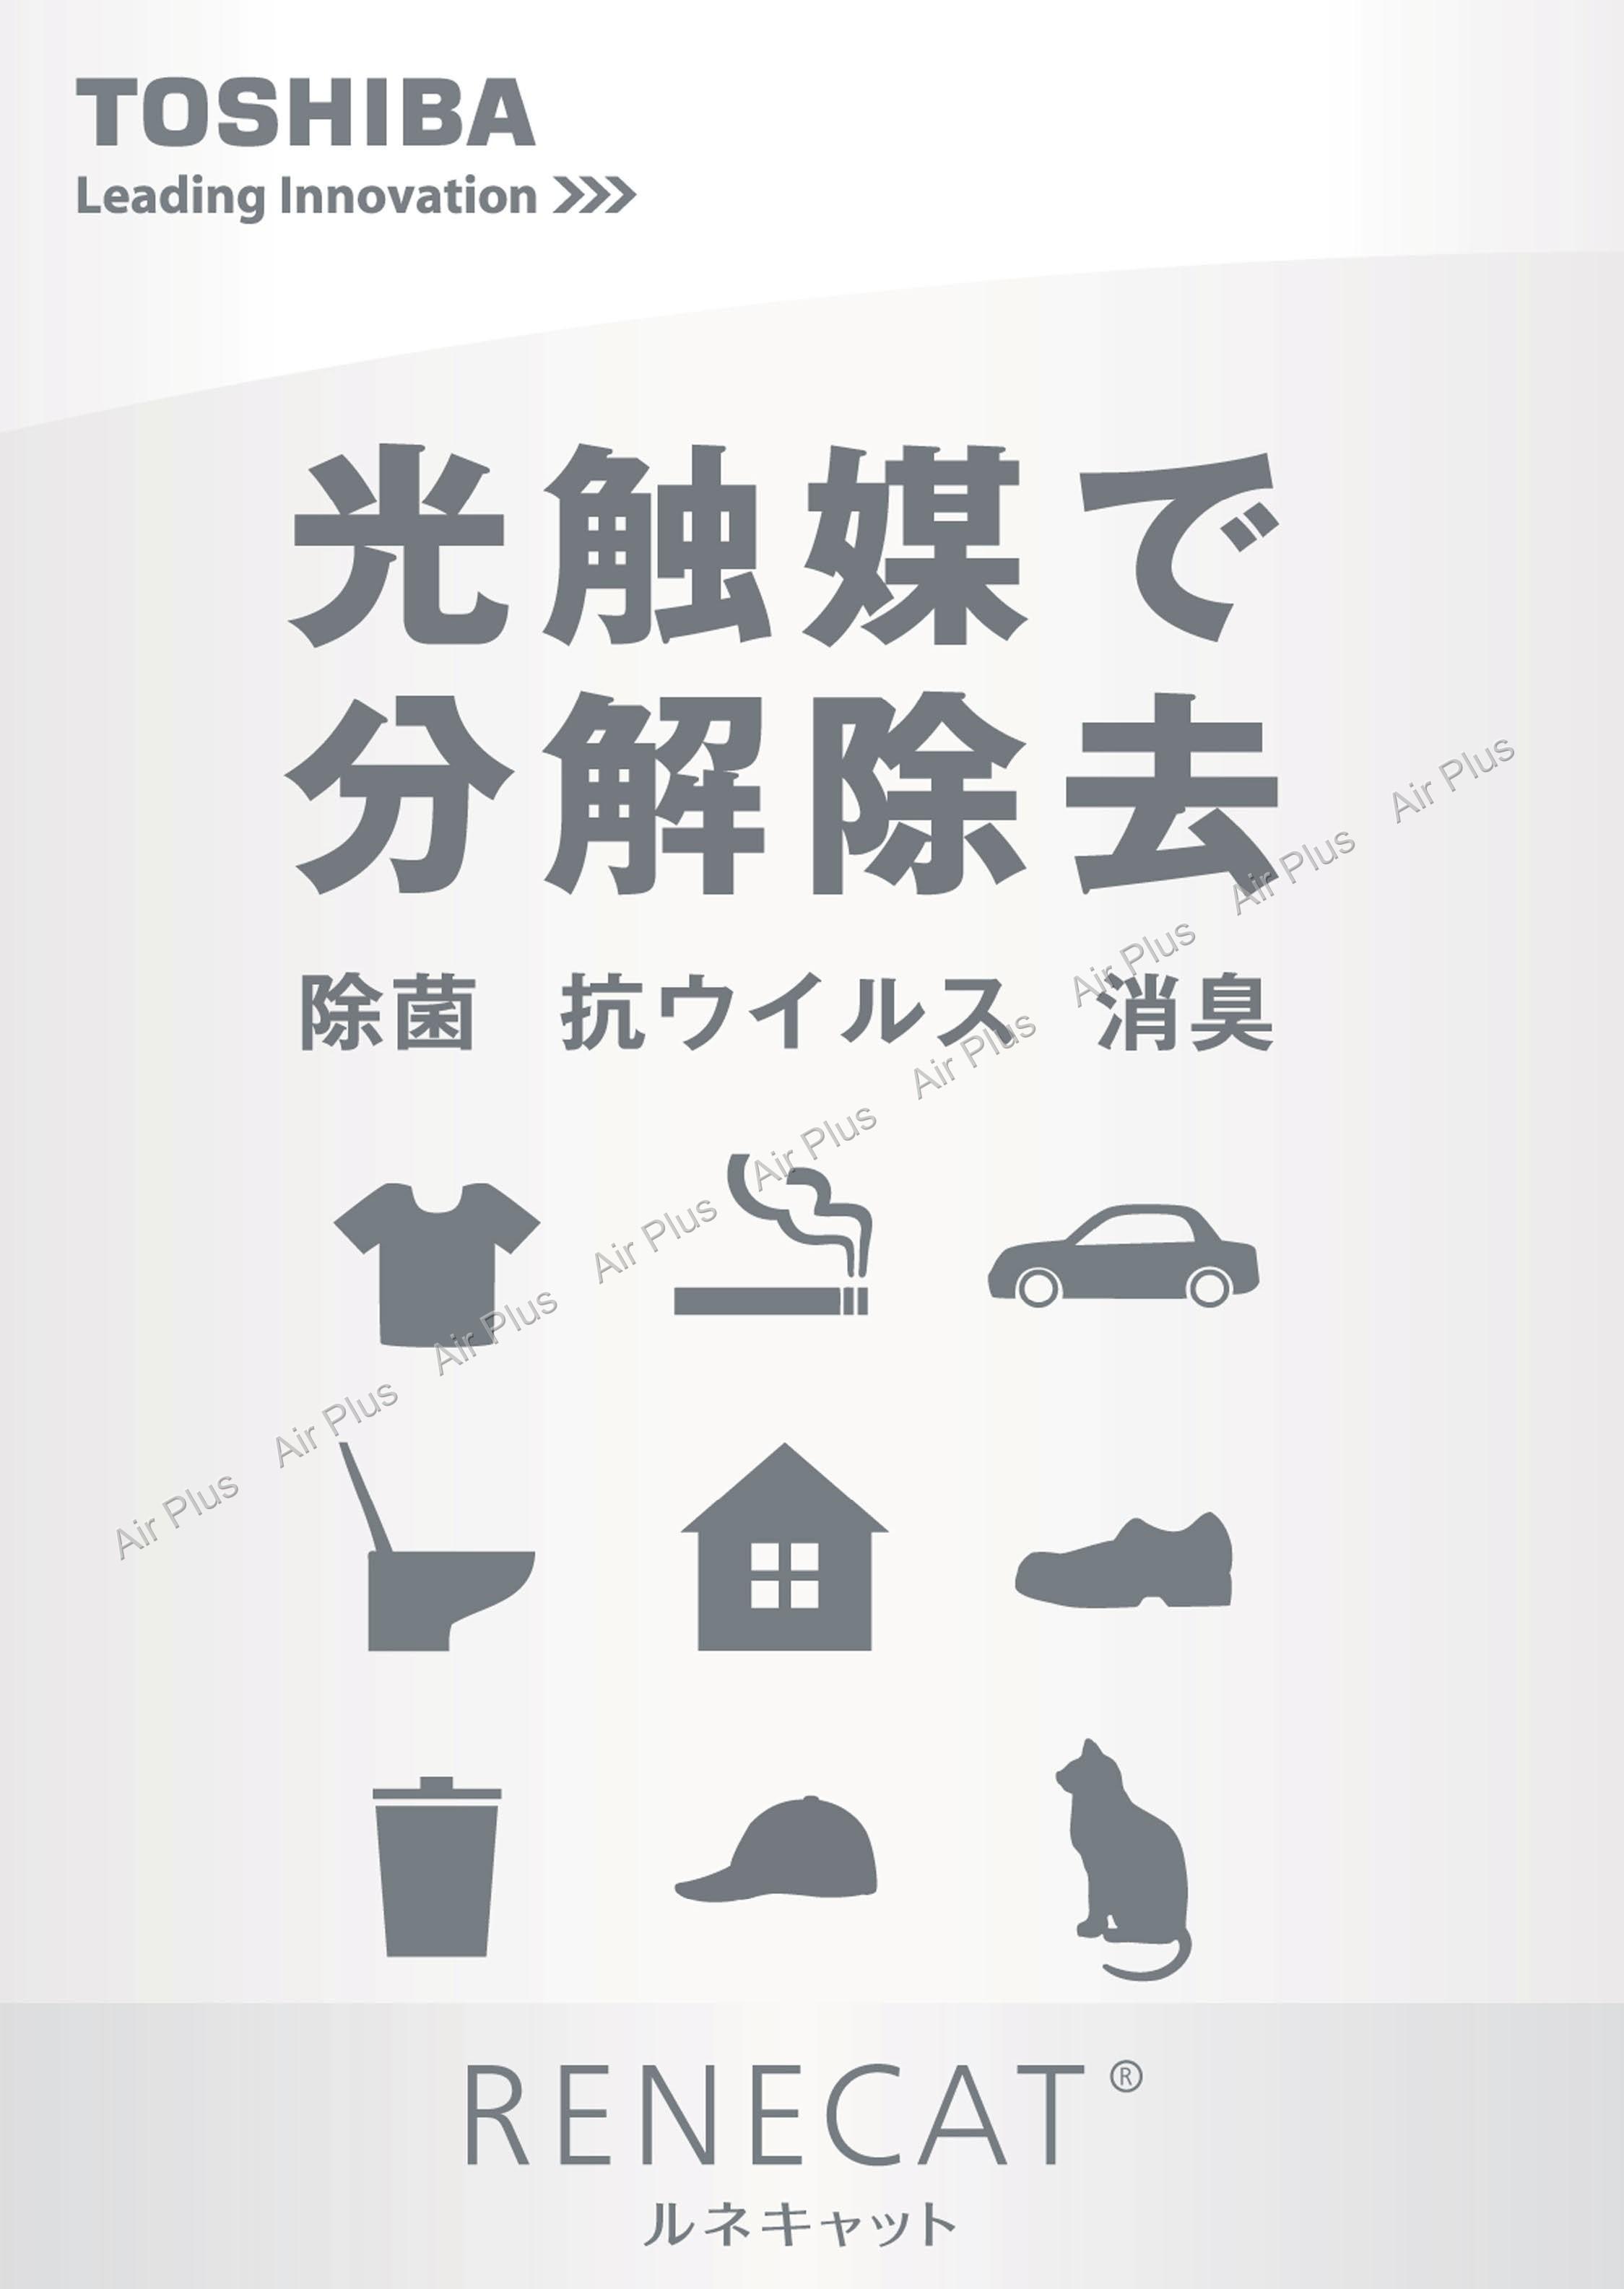 (中文)TOSHIBA·可视光光触媒 RENECAT☆_页面_01.jpg